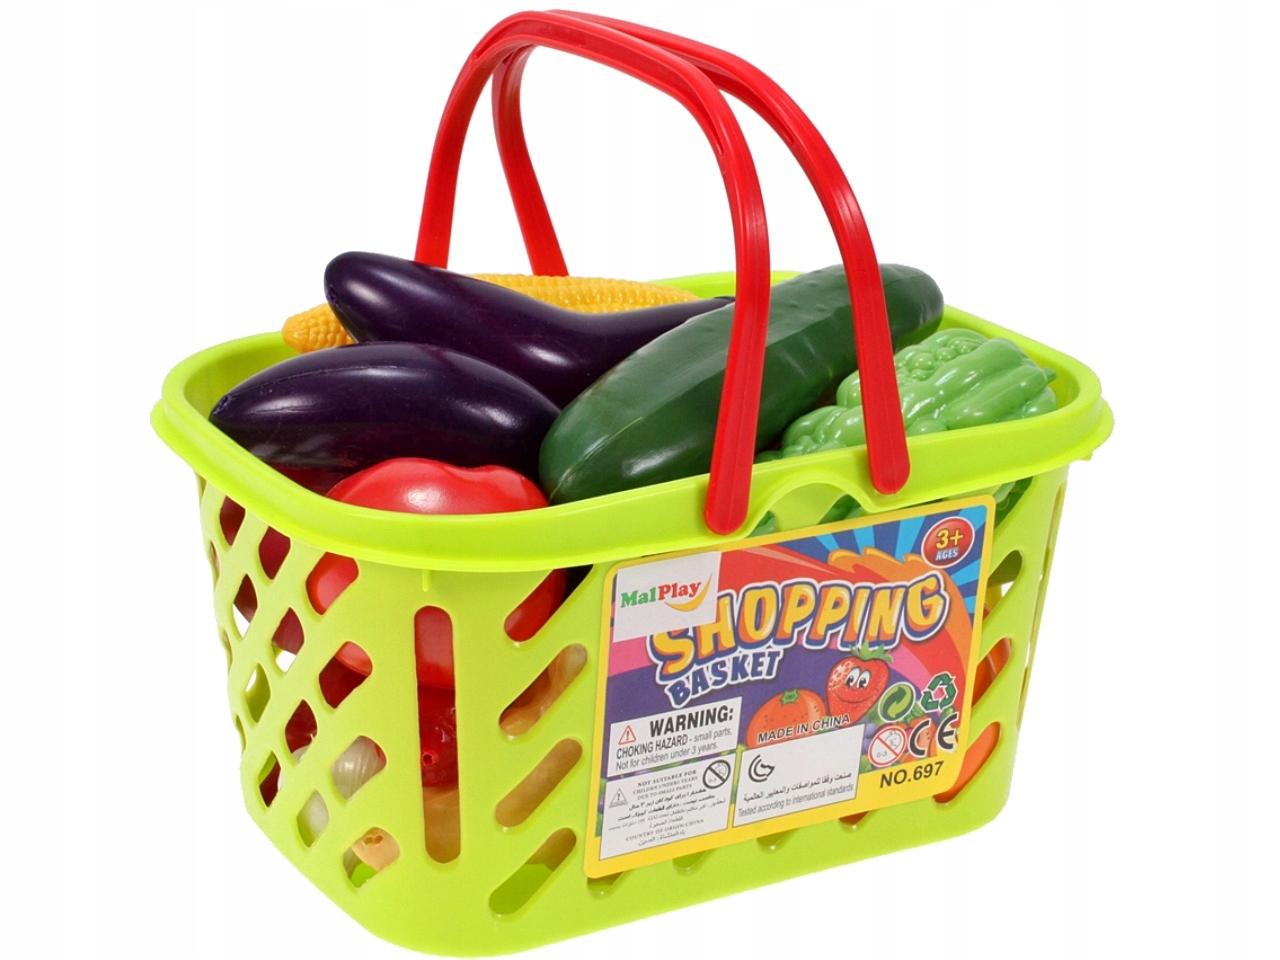 KOSZYK Piknikowy NA ZAKUPY WARZYWA OWOCE KUCHNIA Waga produktu z opakowaniem jednostkowym 0.4 kg